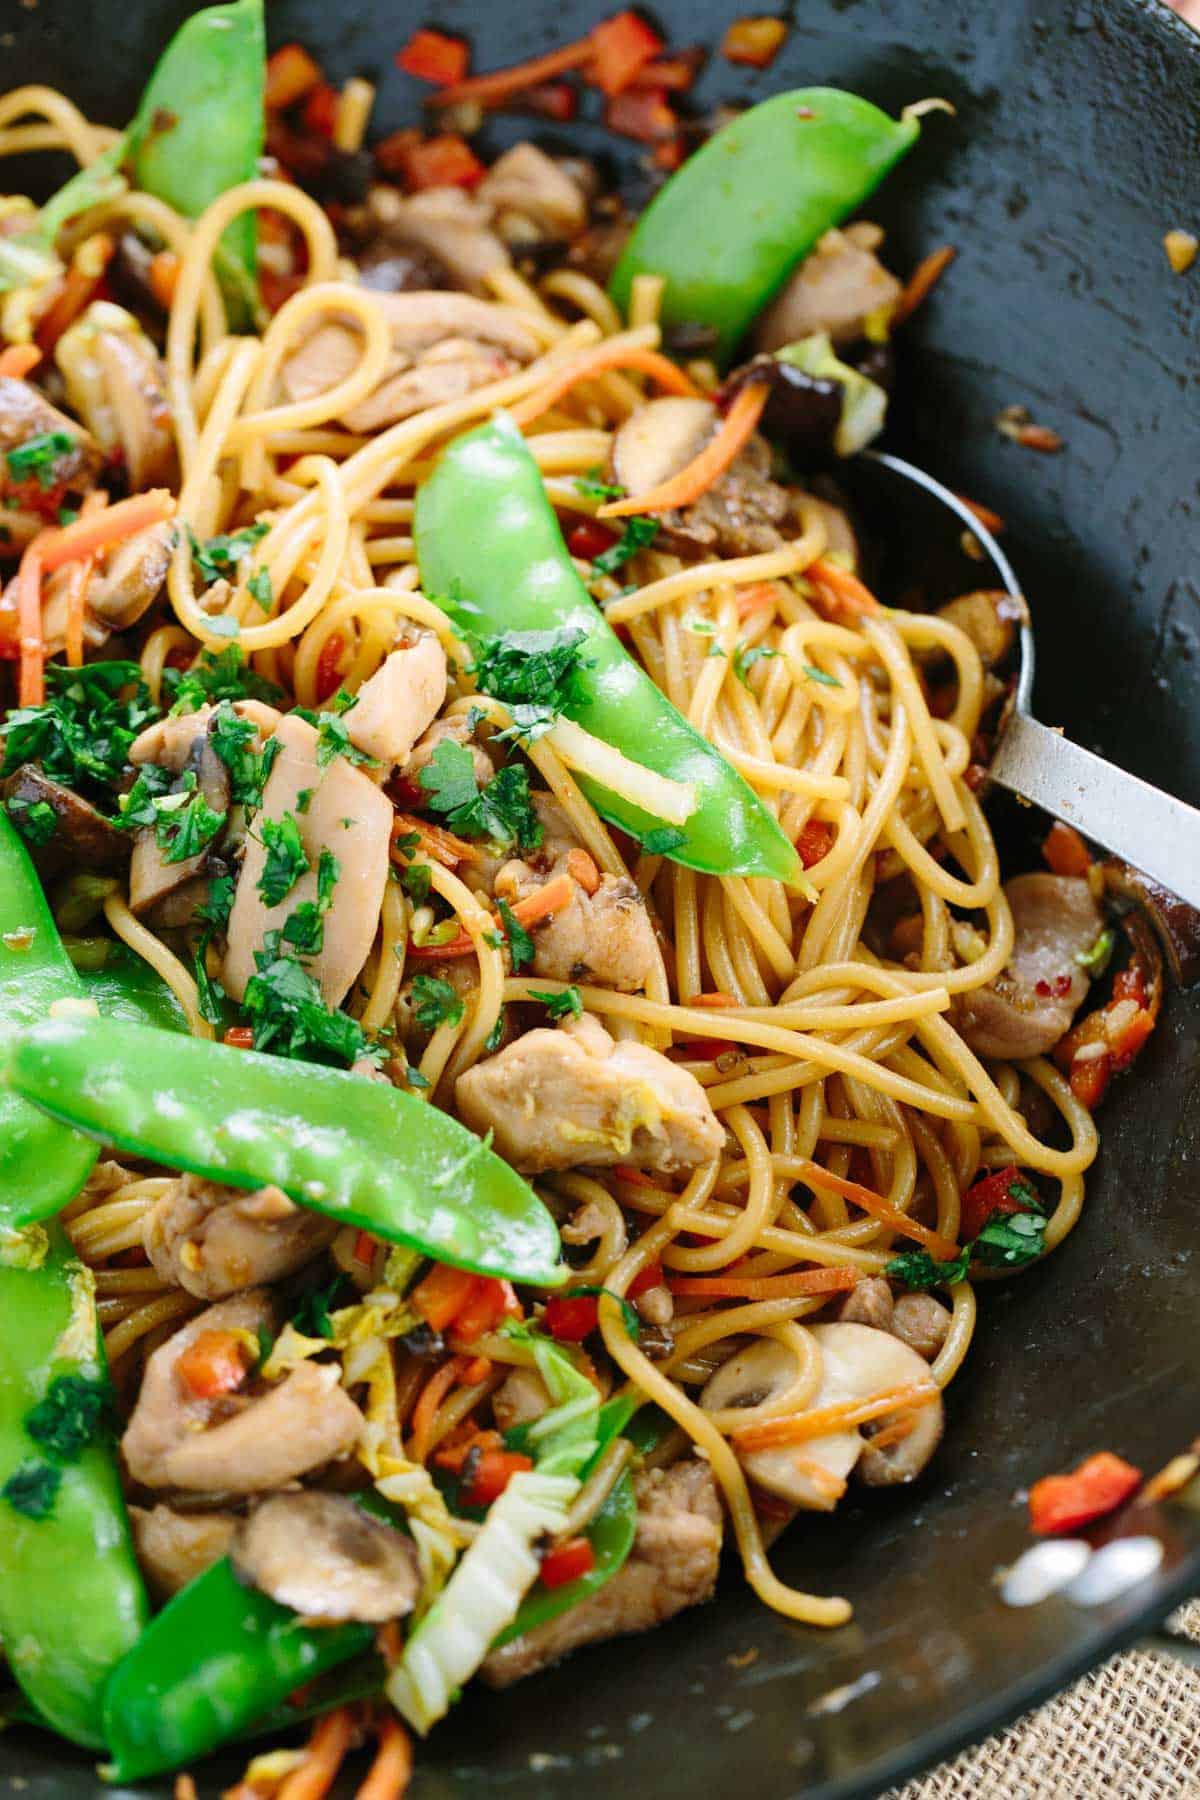 Healthy noodle recipes